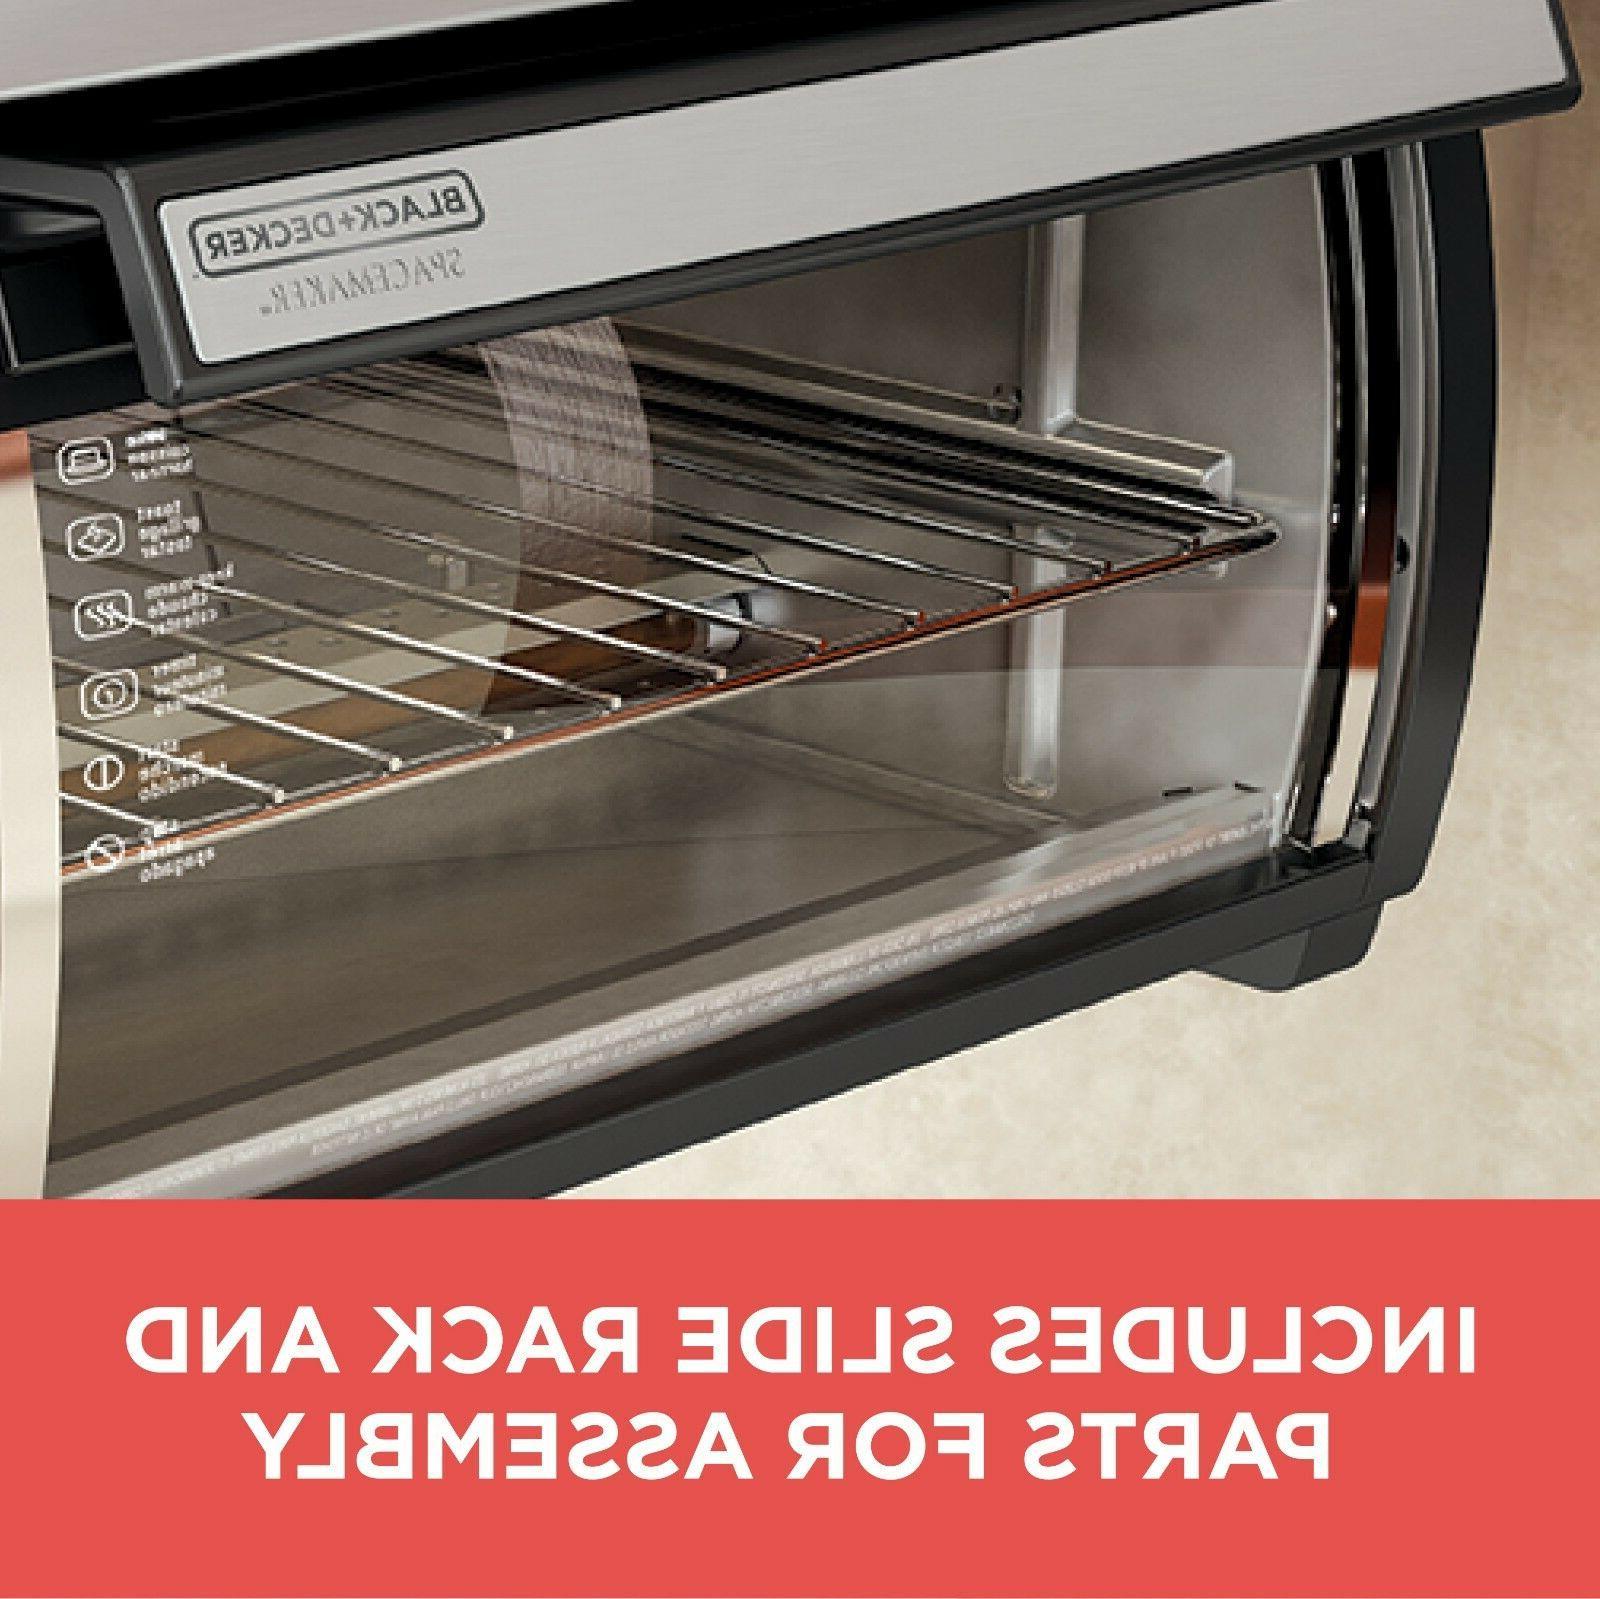 Space Maker Oven Digital Kitchen